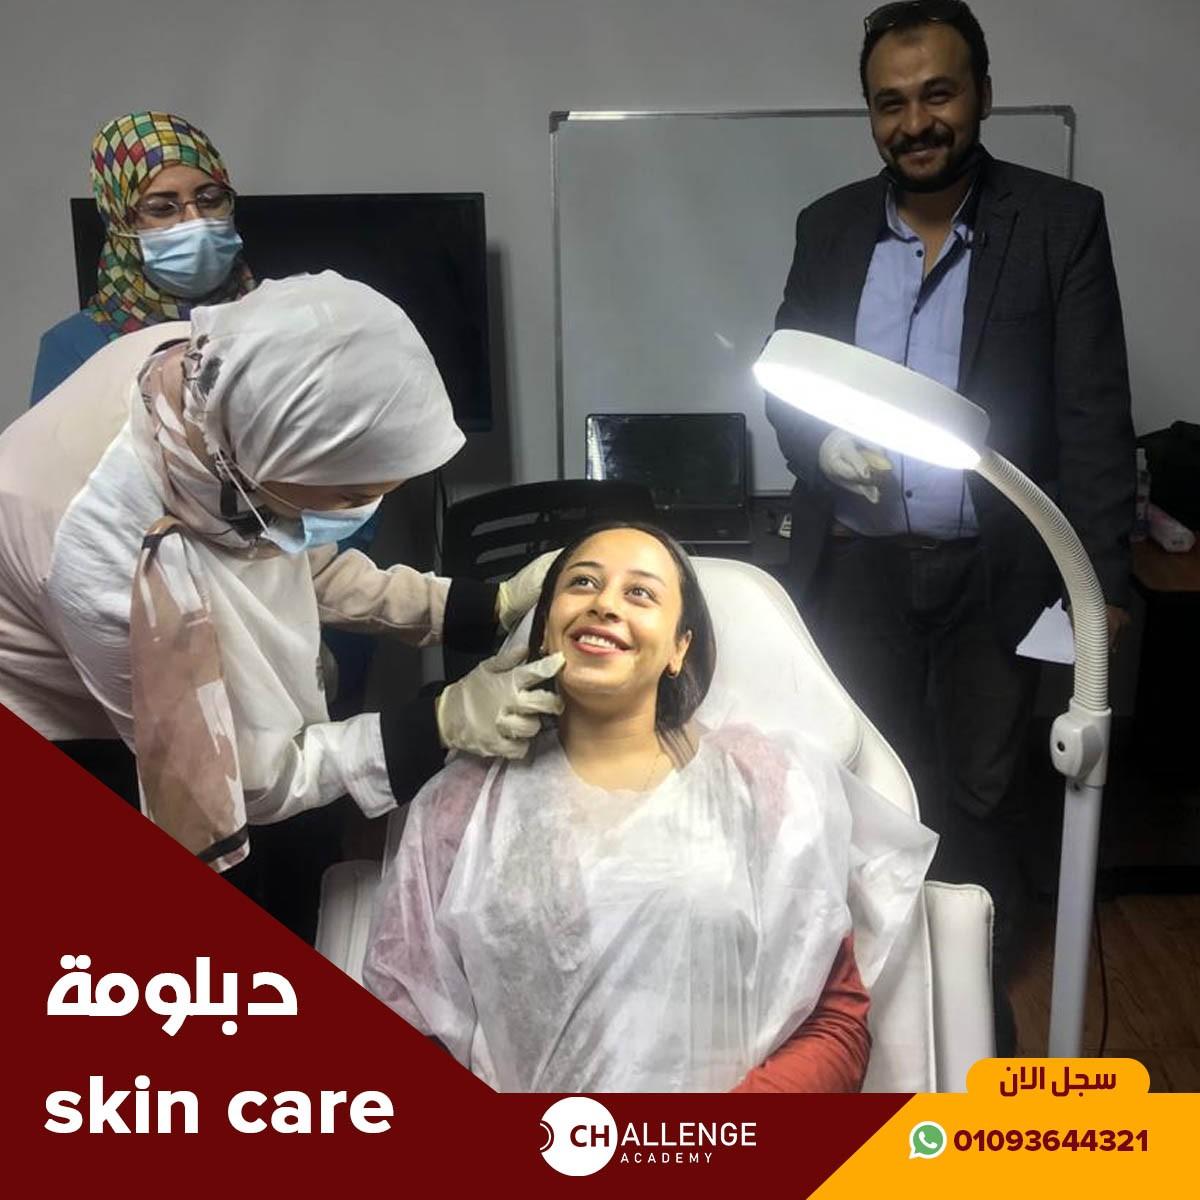 كورسات Skin care